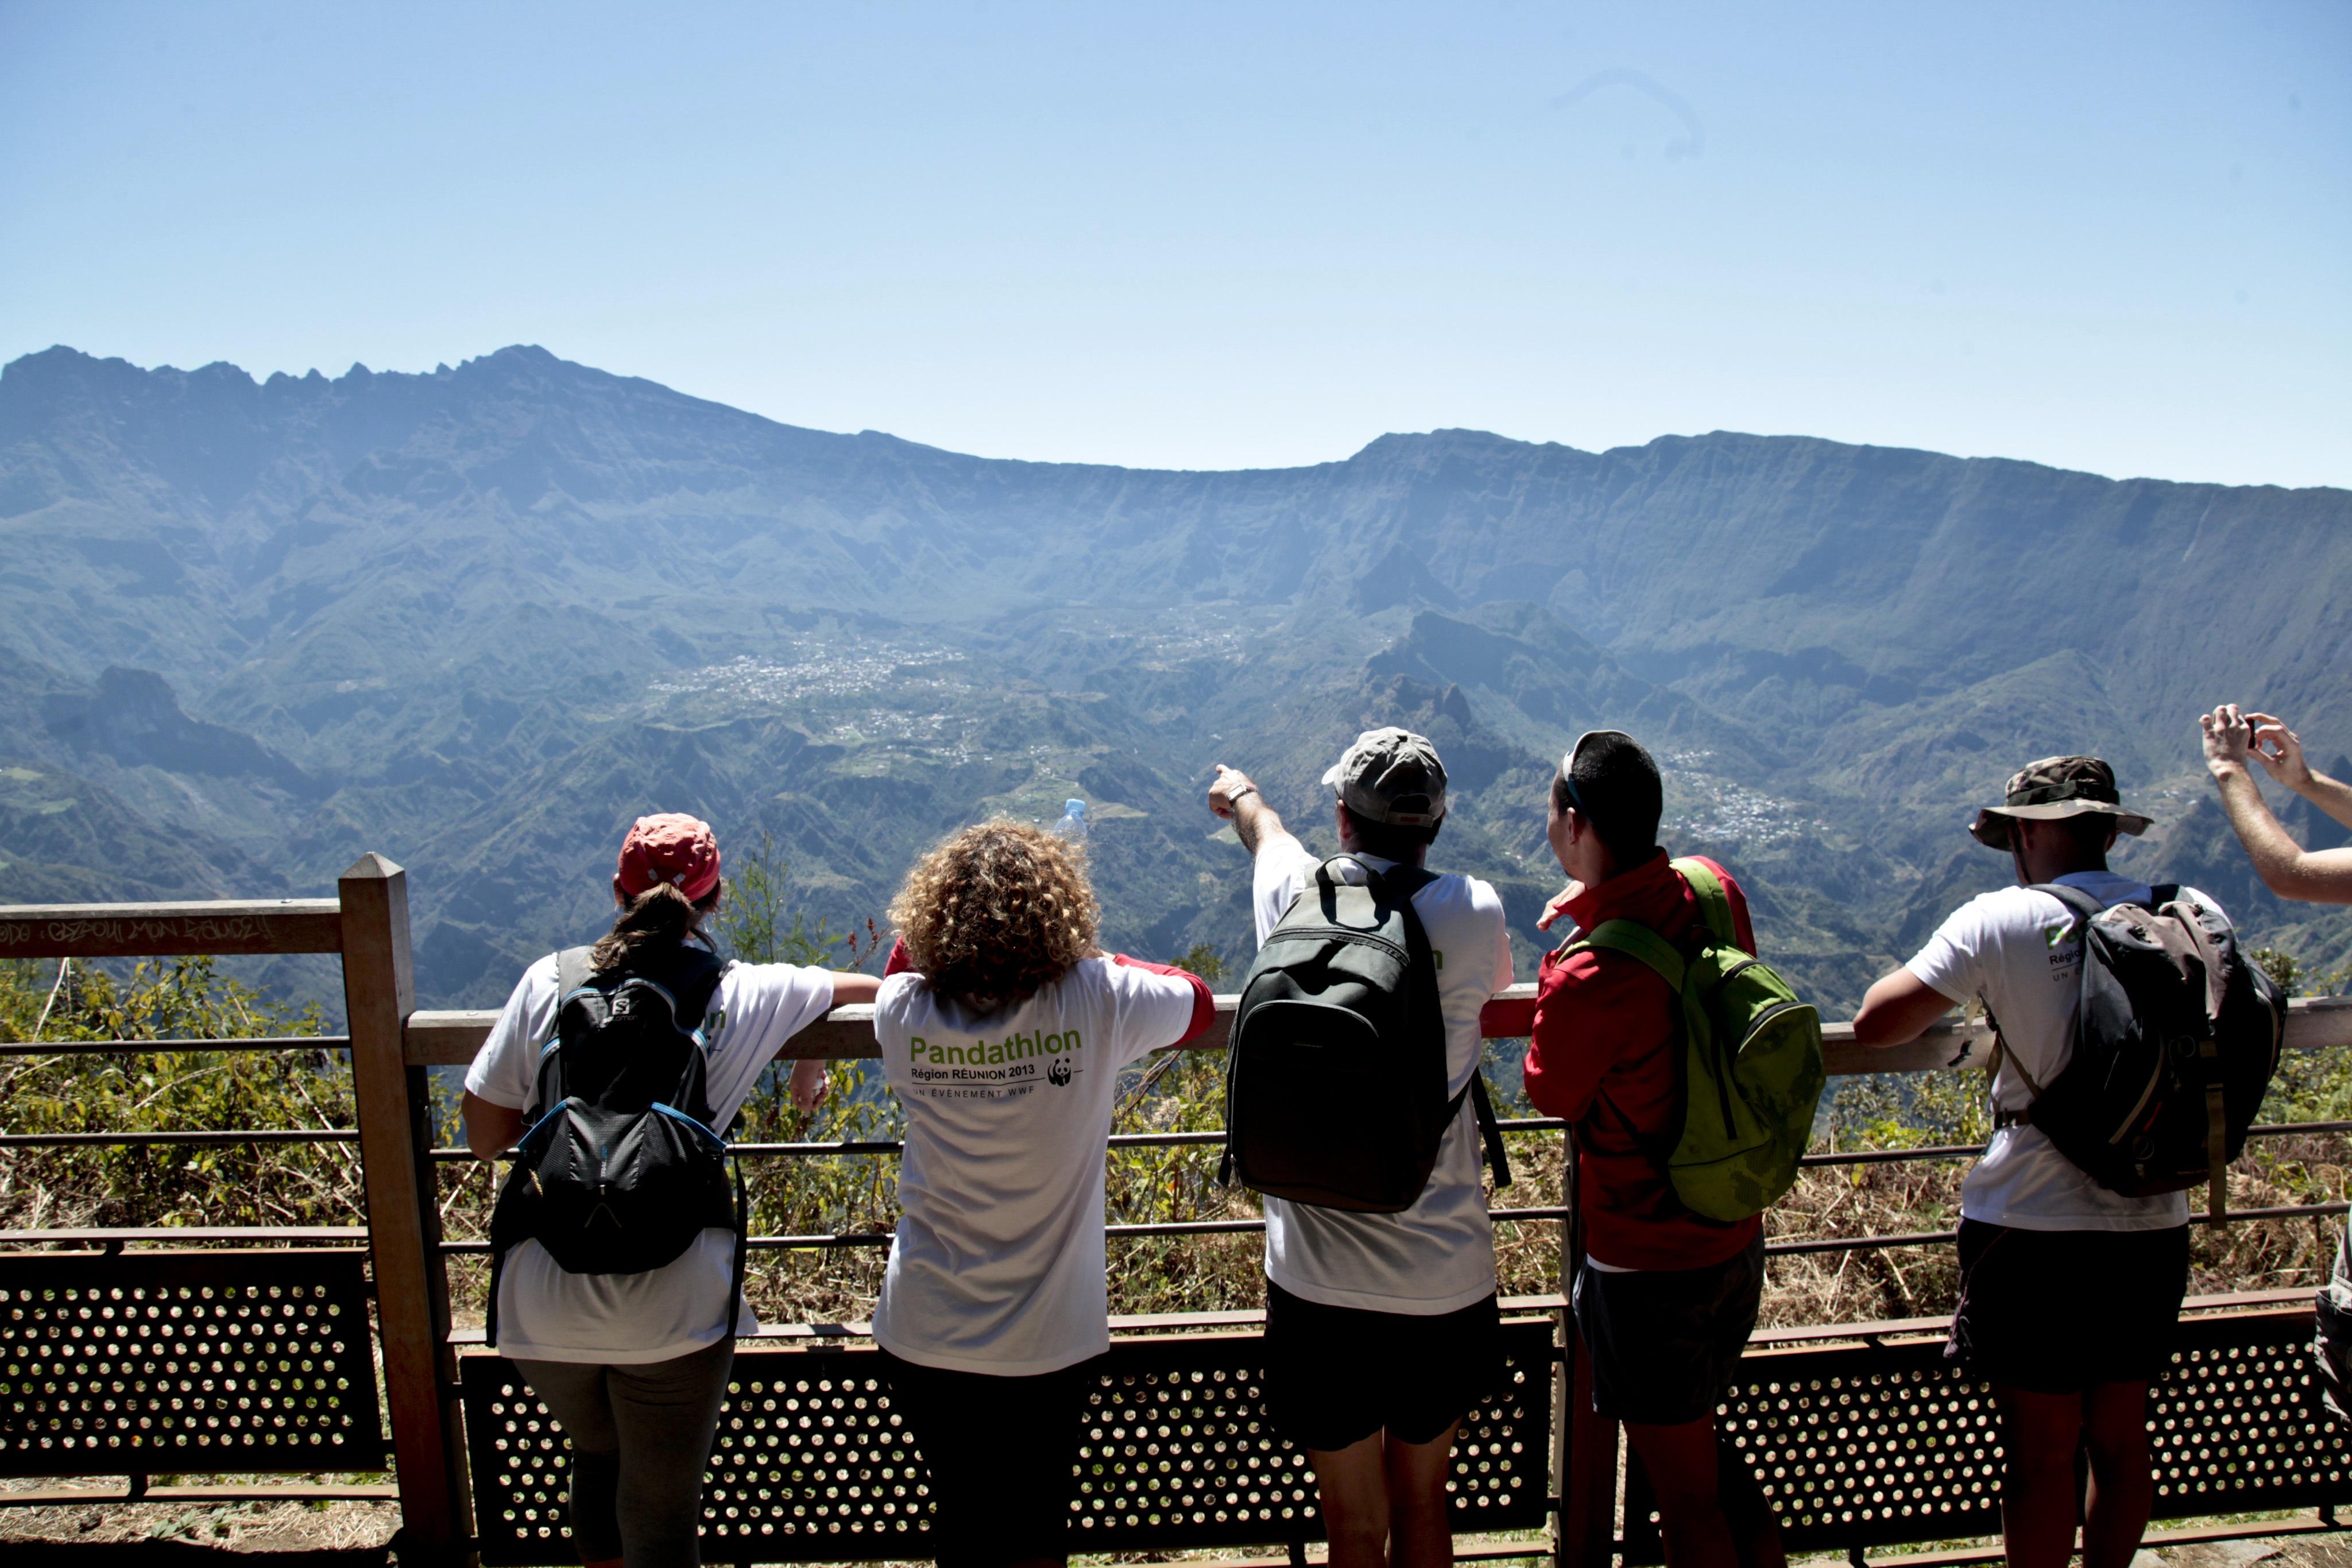 Les Makes, La Réunion. Des participants au pandathlon 2013 de La Réunion admire la vue imprenable sur le cirque de Cilaos en plein parcours. © David CSC/RégionRéunion